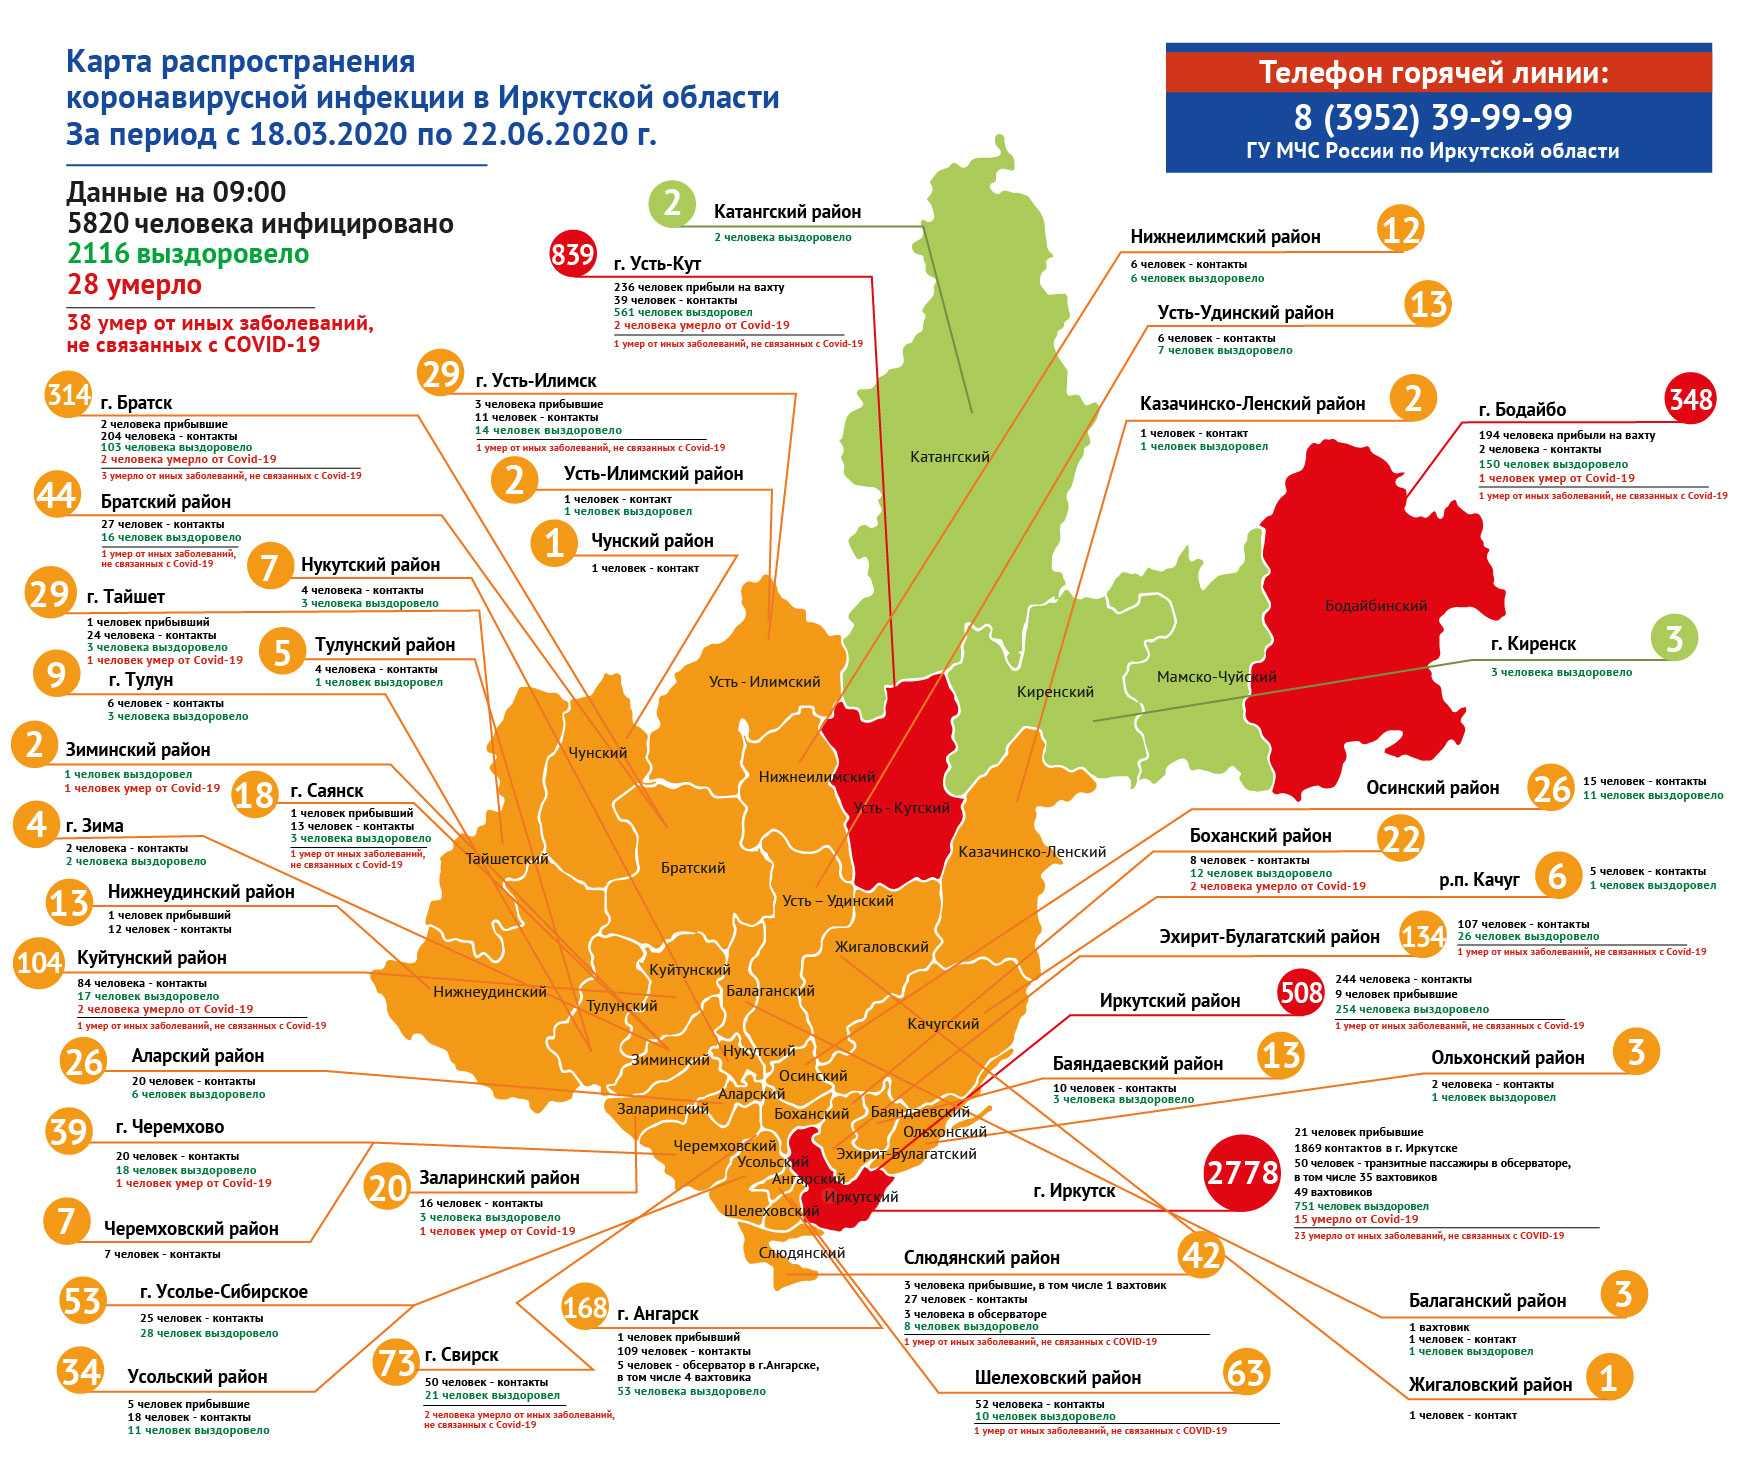 География распространения COVID-19 по области 22 июня 2020